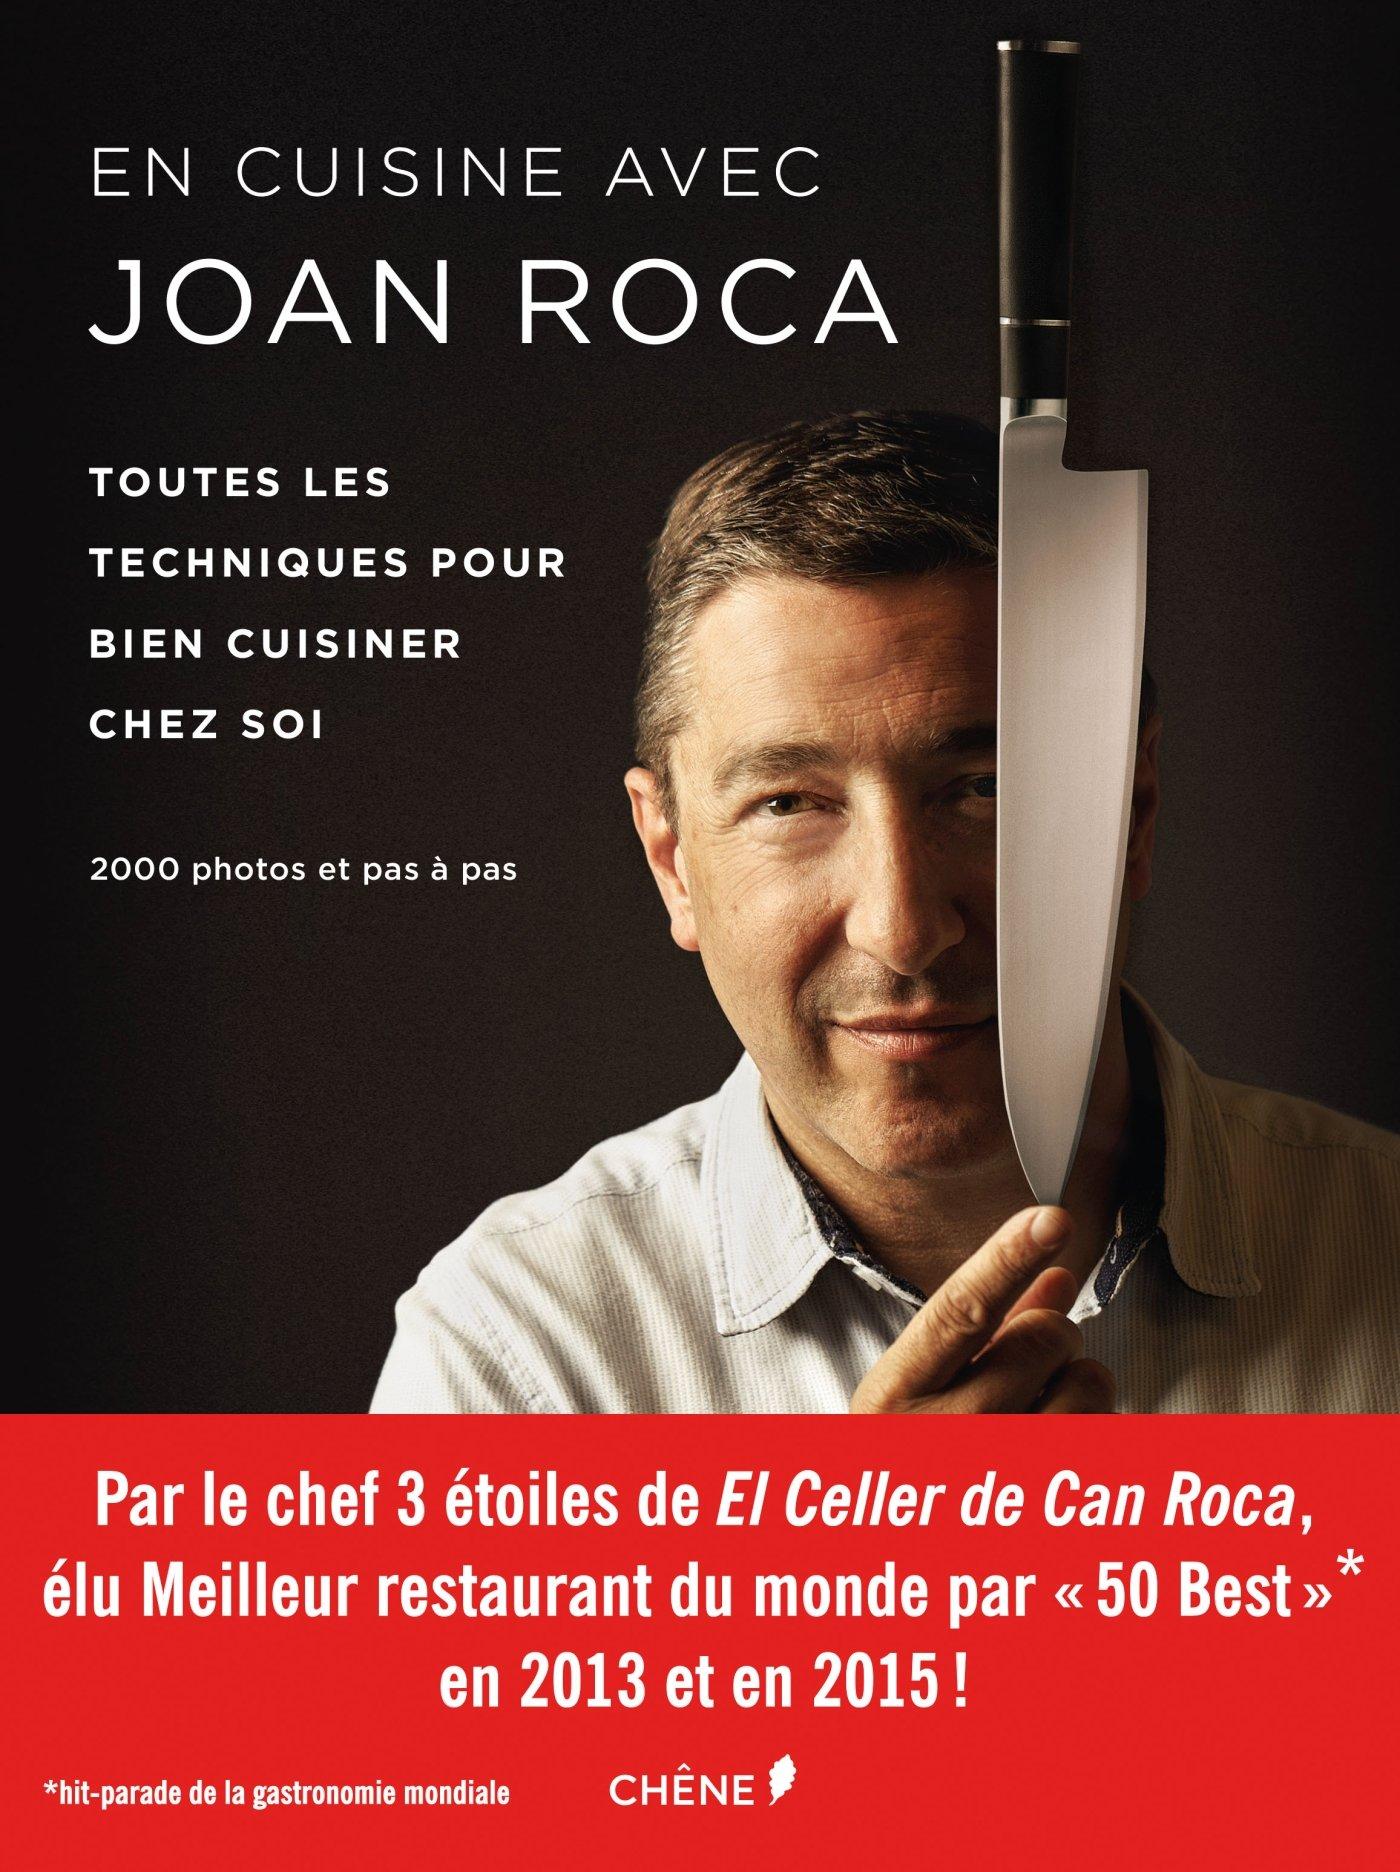 En Cuisine Avec Joan Roca Toutes Les Techniques Pour Bien